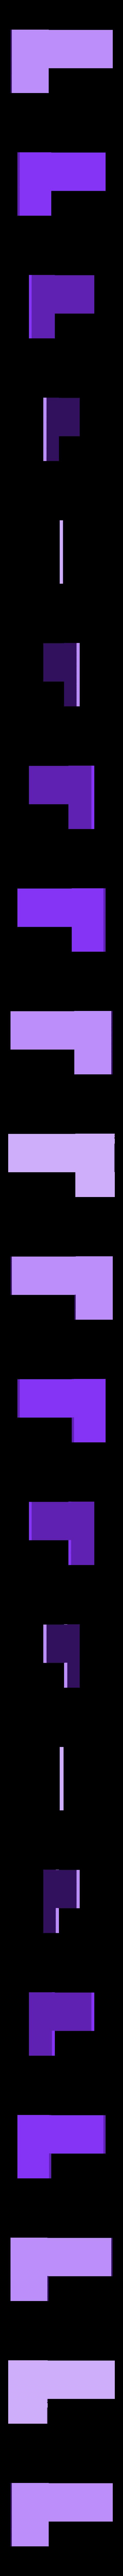 rd_tj_bridge1.stl Télécharger fichier STL gratuit Ripper's London - Les égouts • Design pour imprimante 3D, Earsling